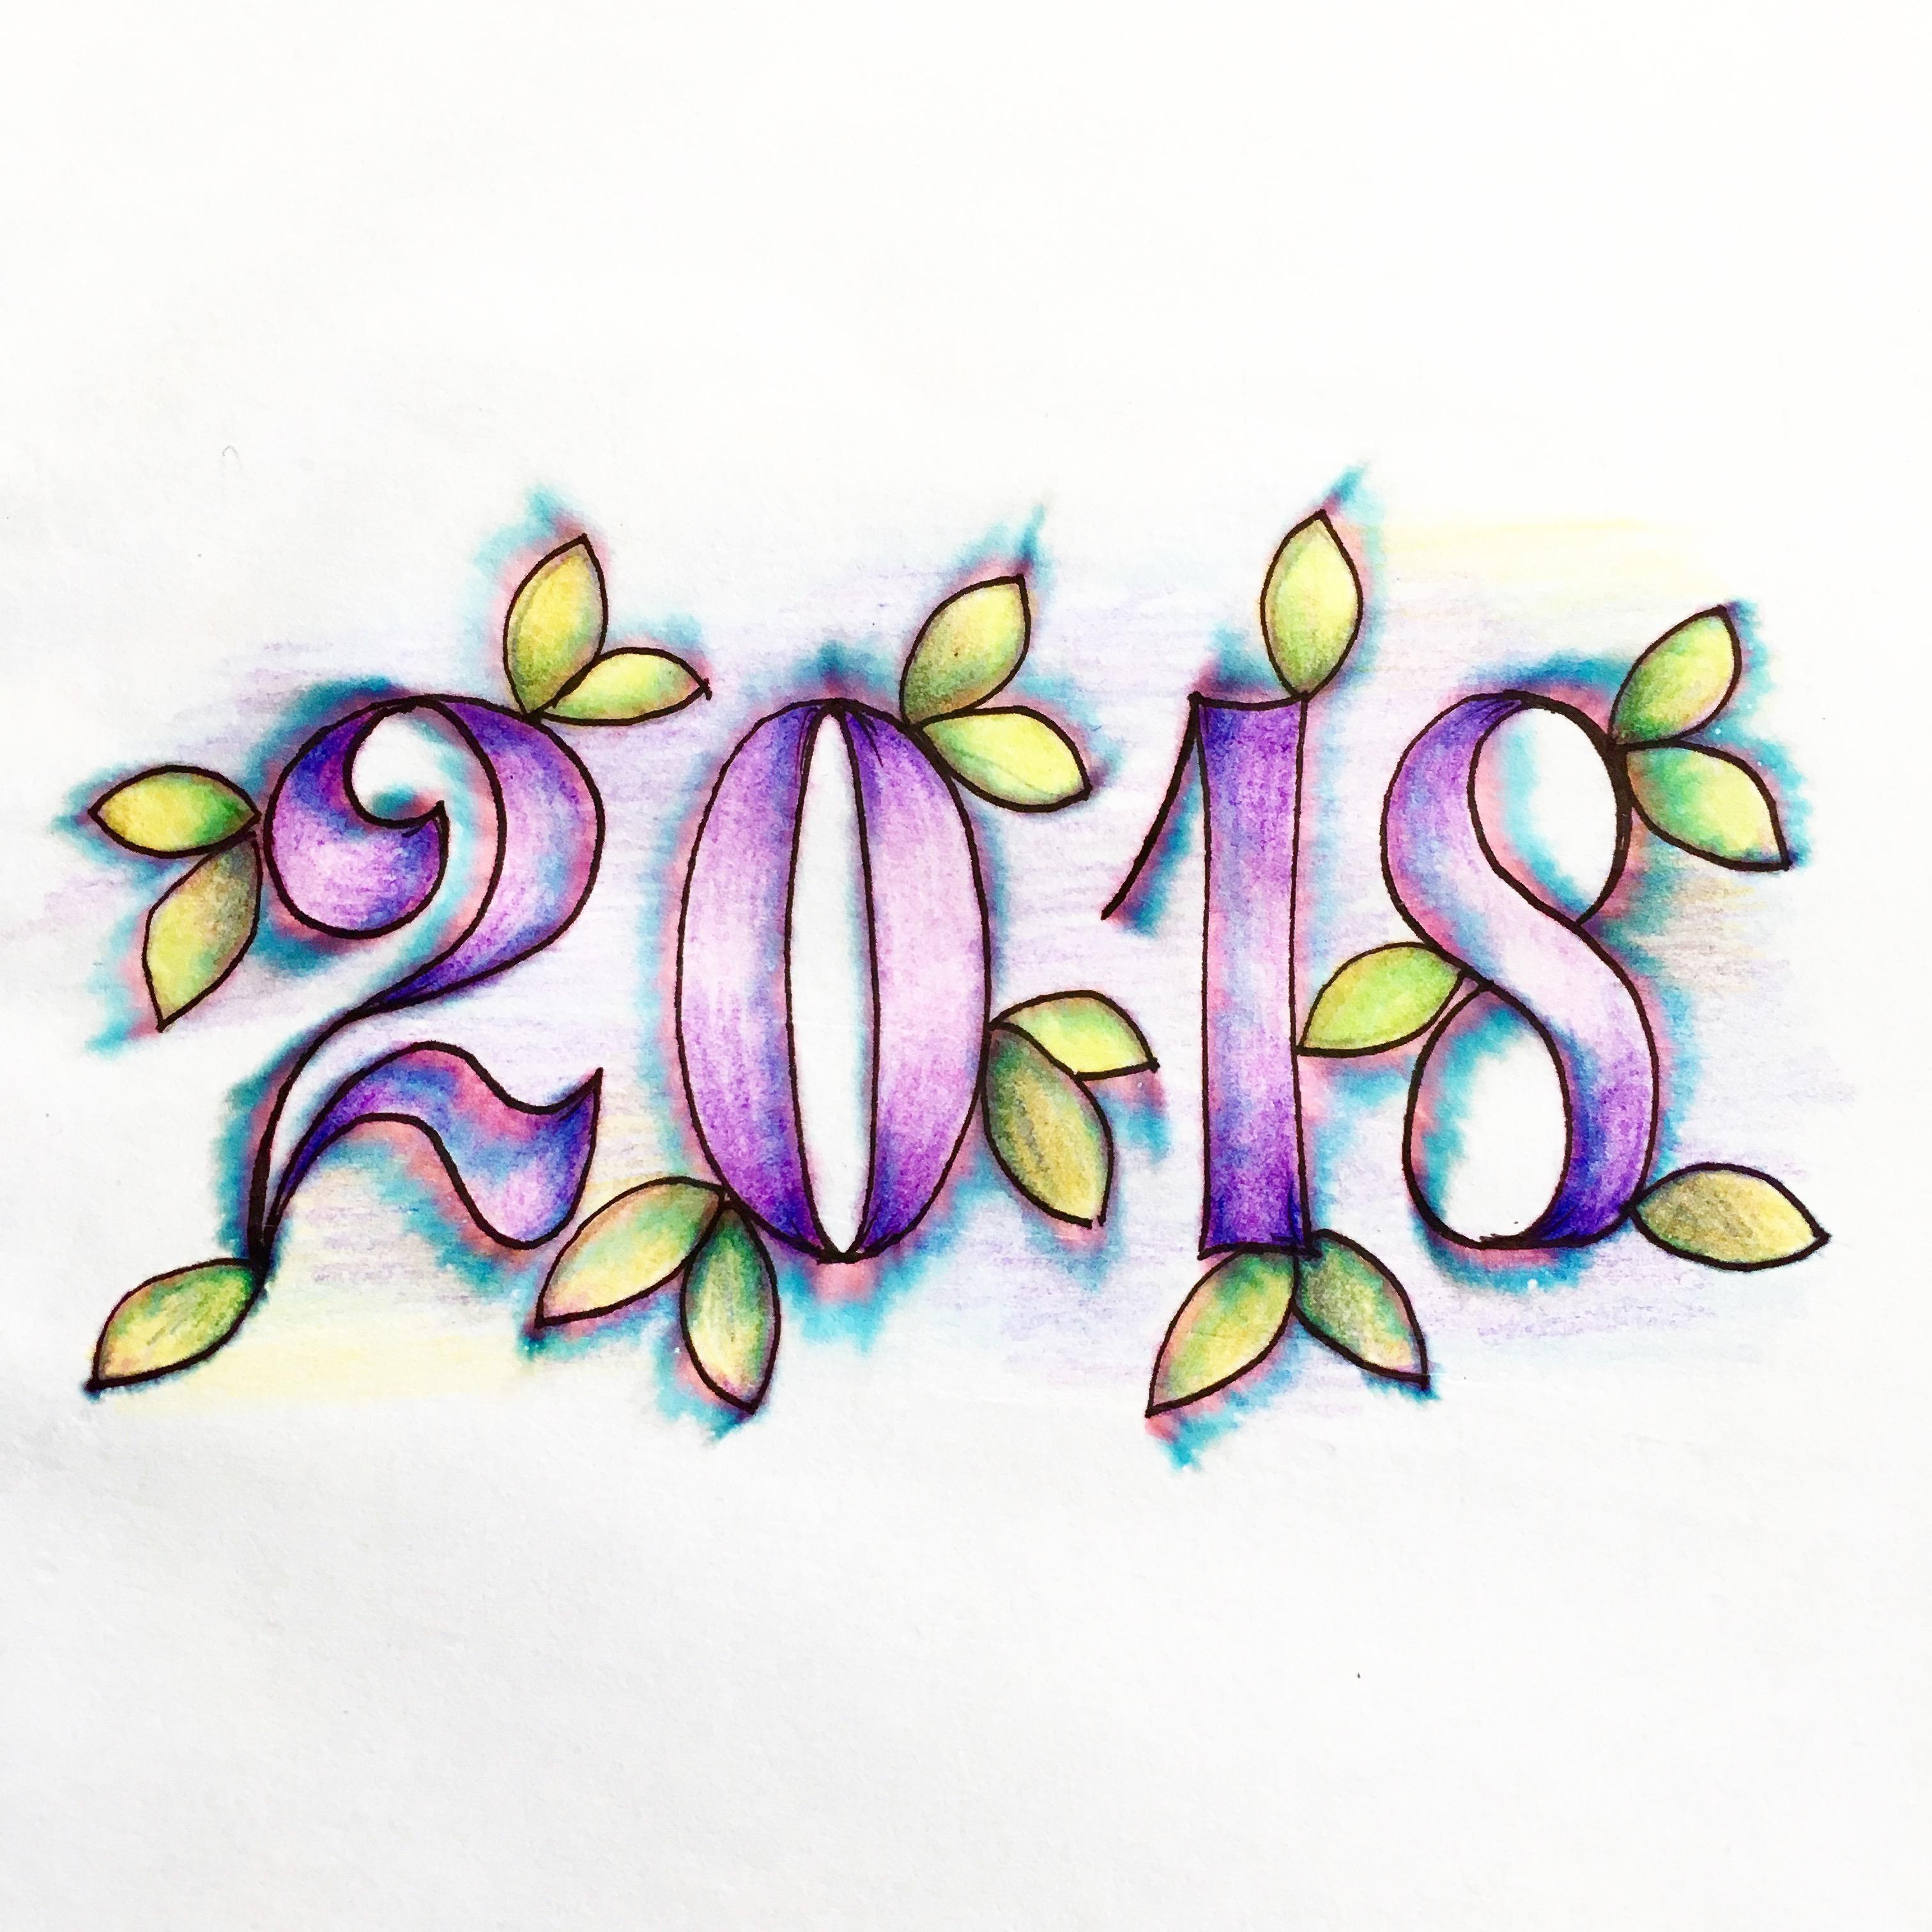 2018 Drawing